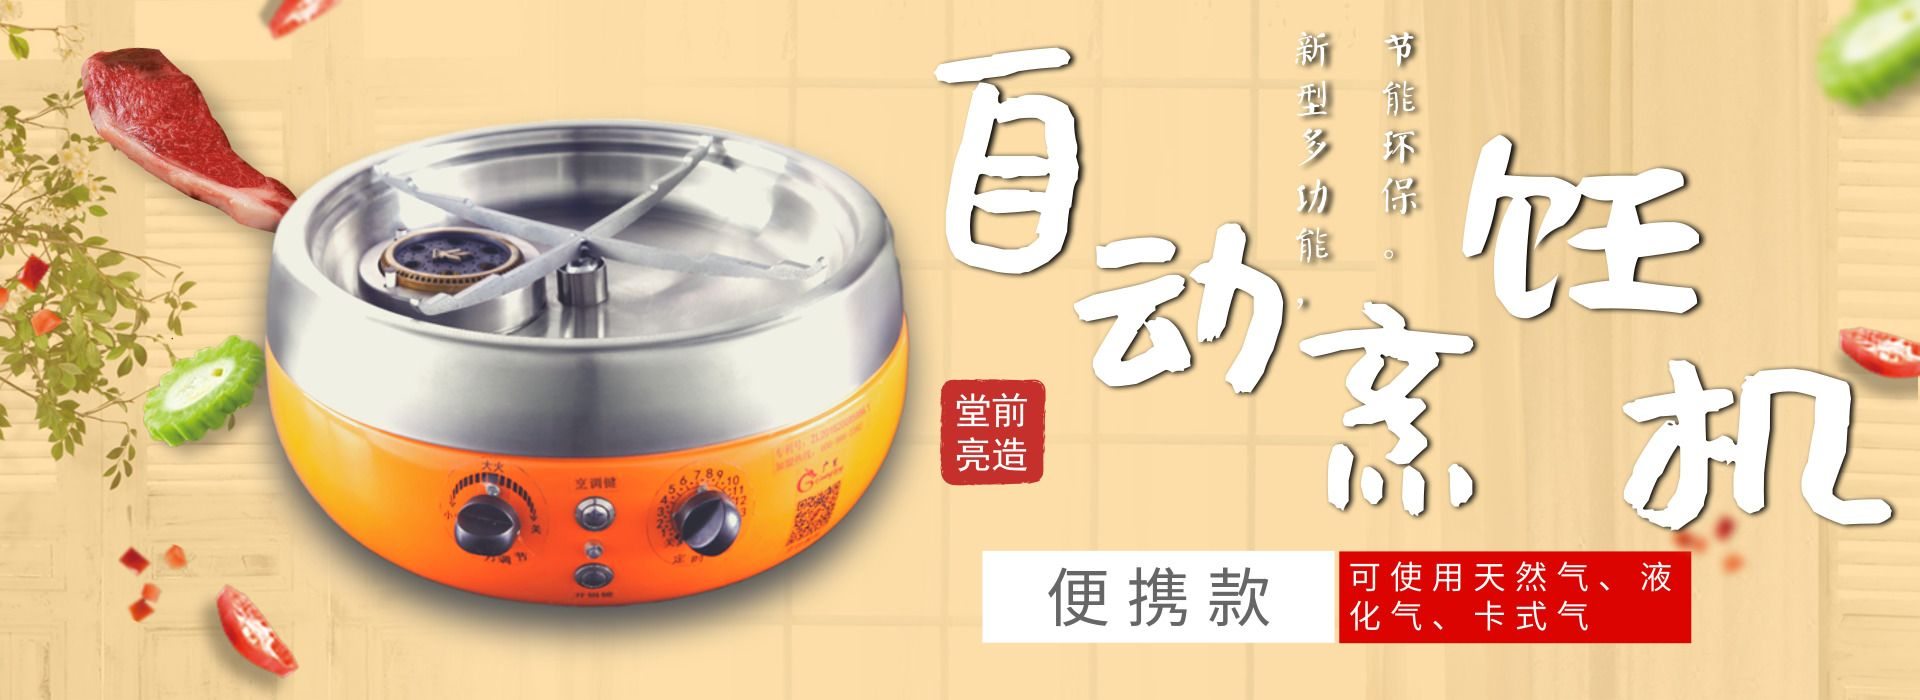 广龙电器多功能自动烹饪机